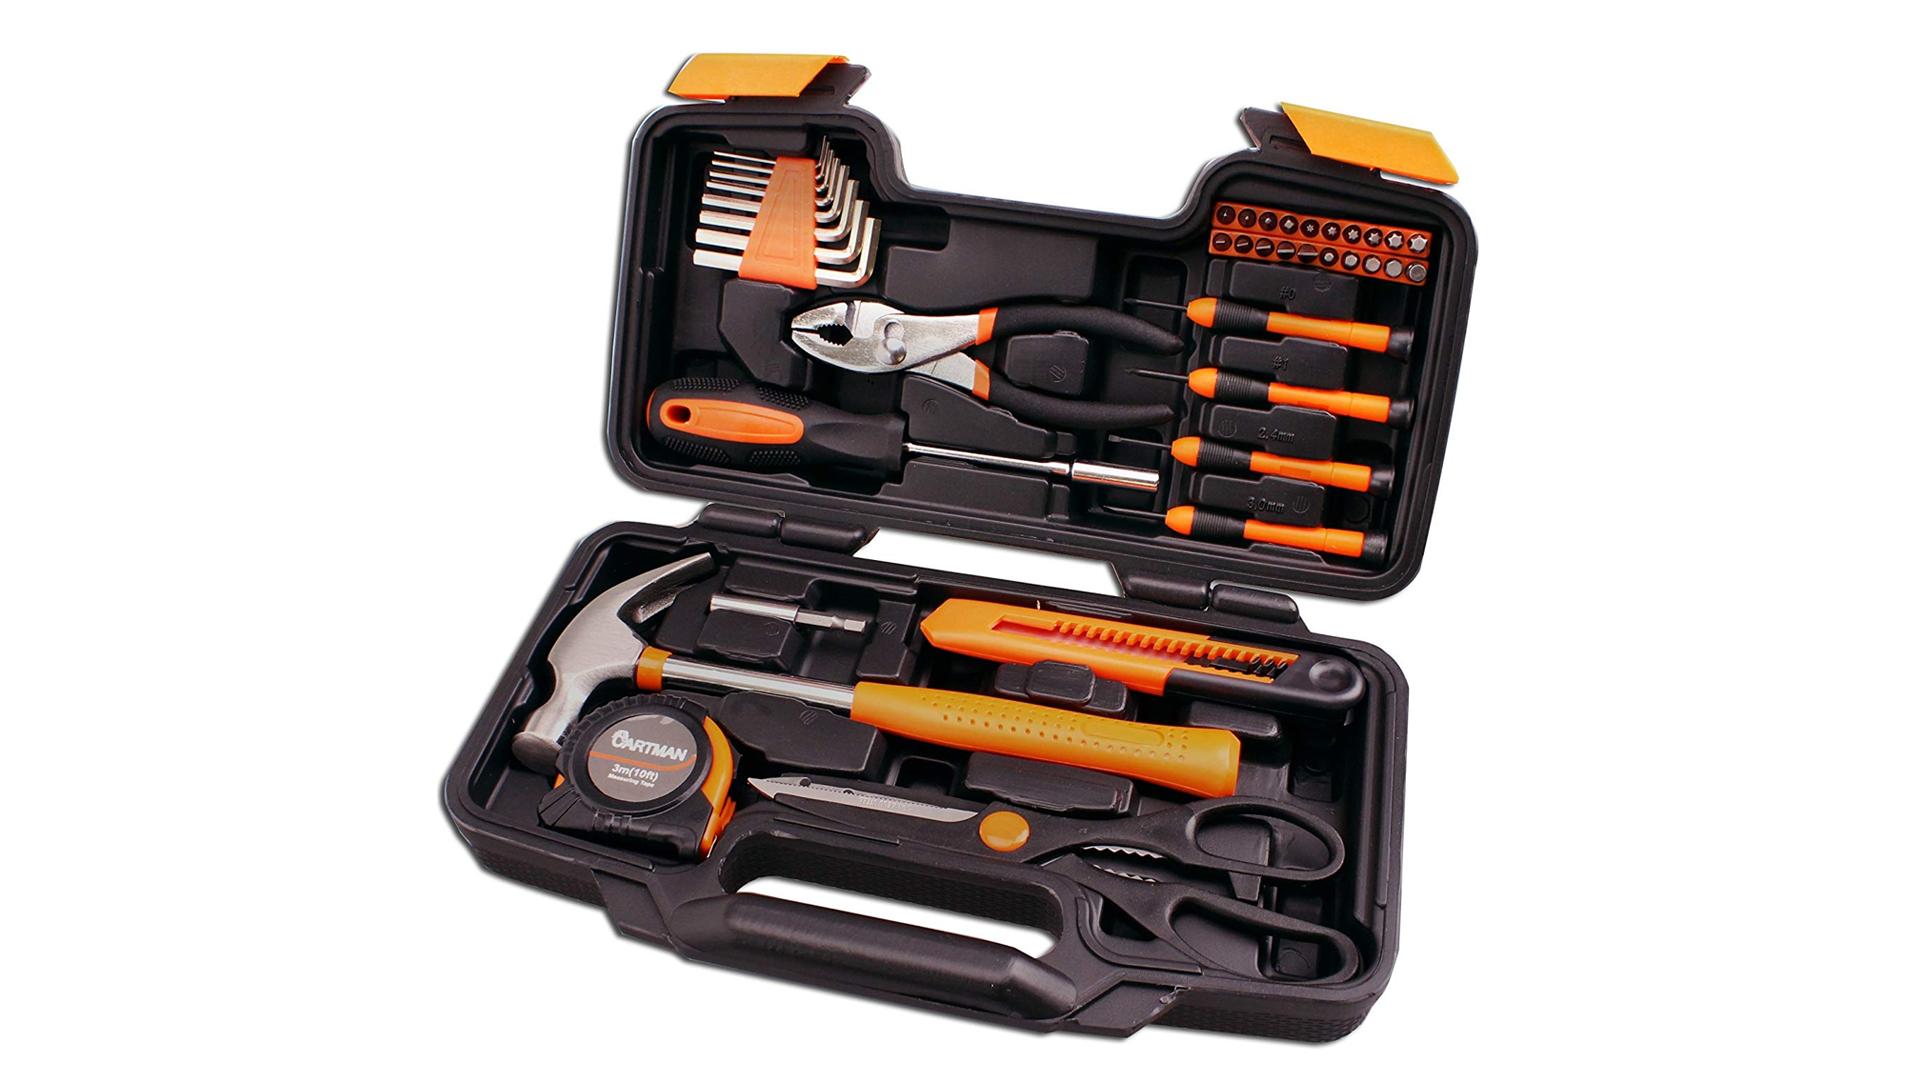 The CARTMAN 39-piece tool set.